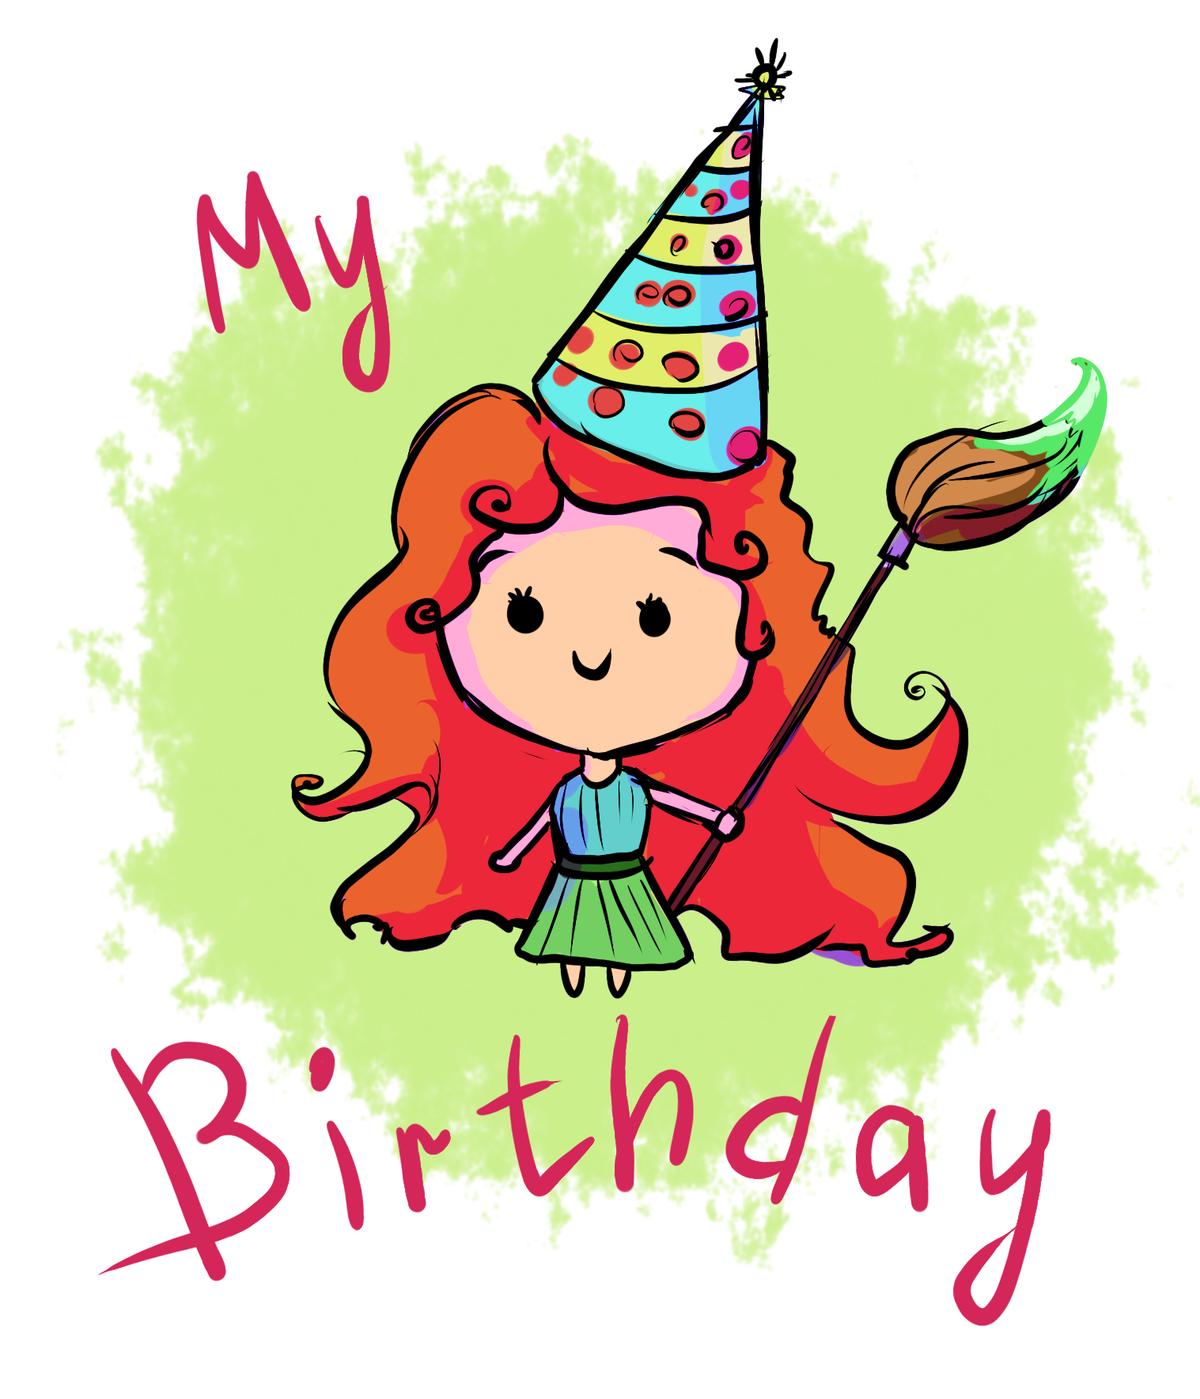 реалии прикольные рисунки на тему дня рождения или неразделенная